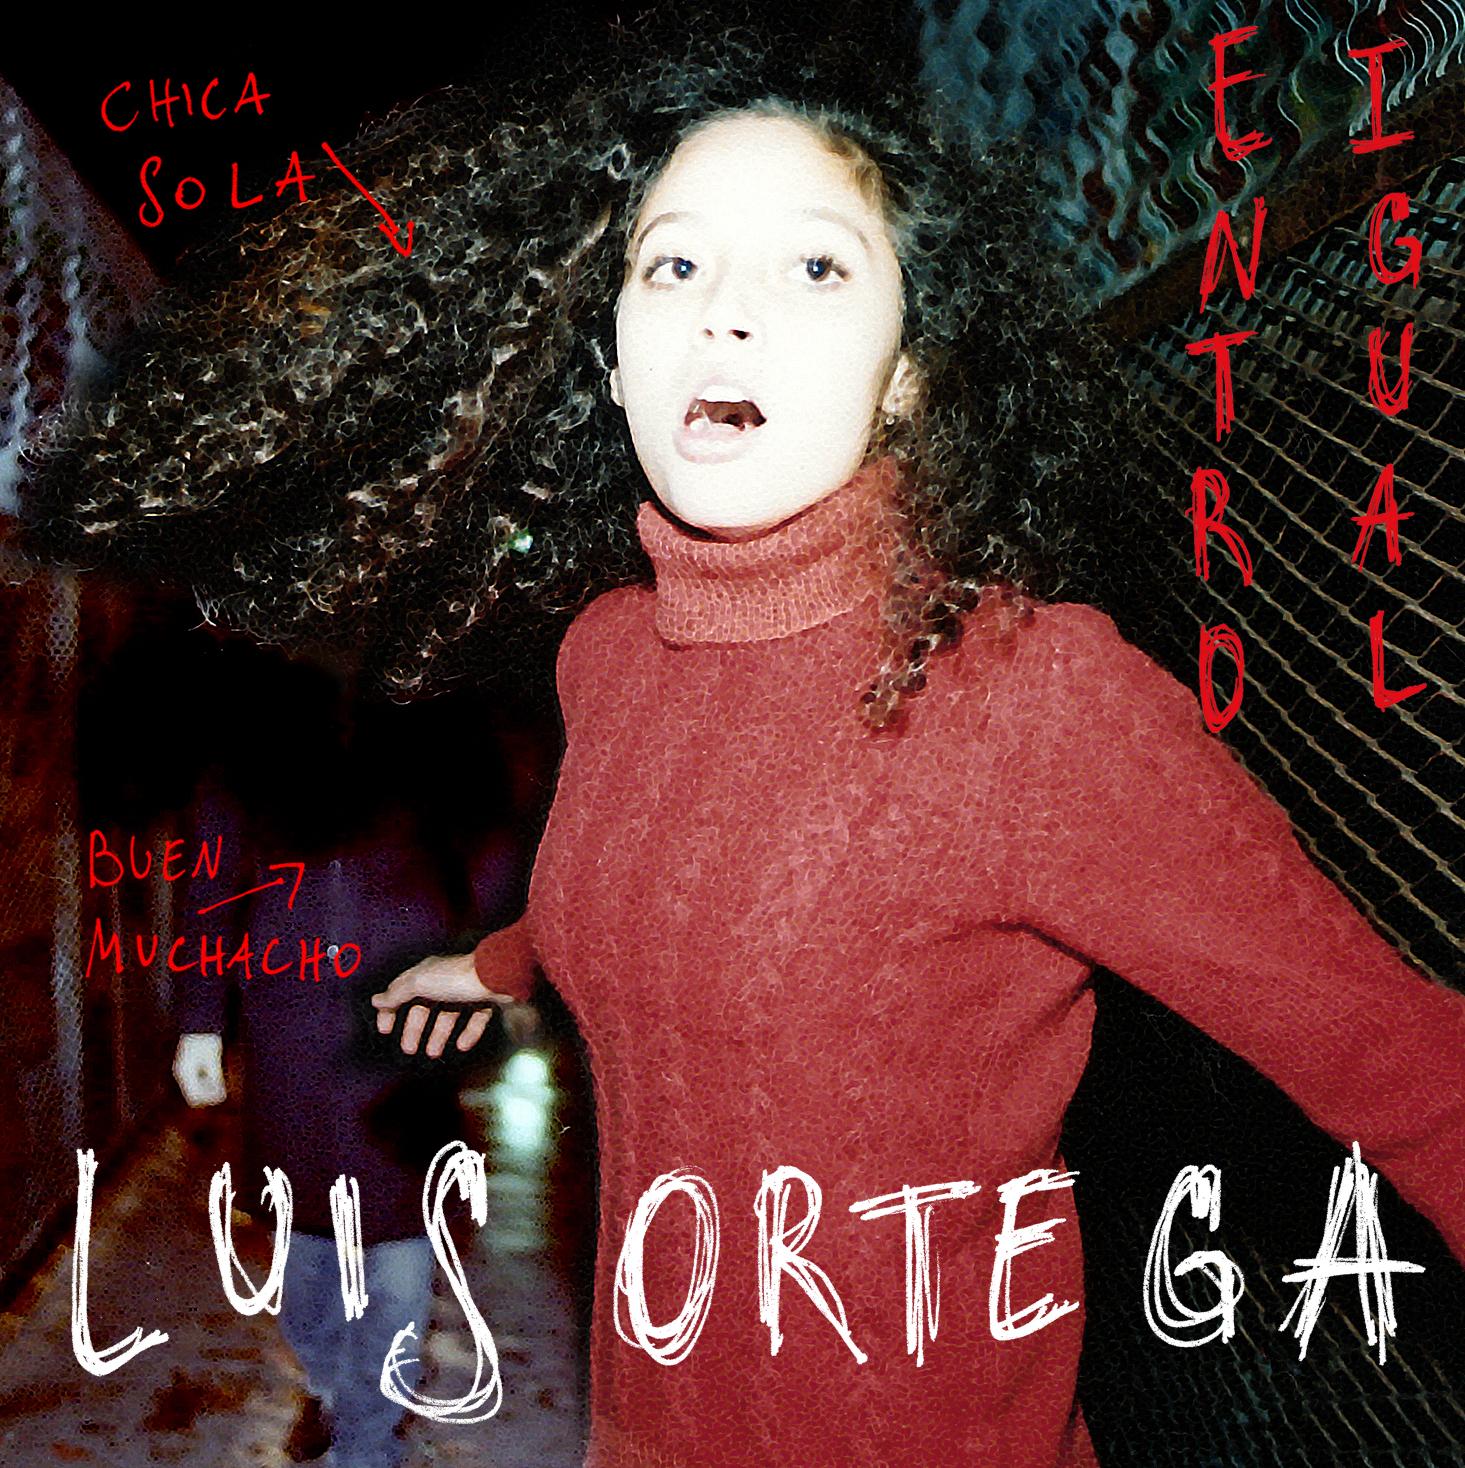 luis ortega: